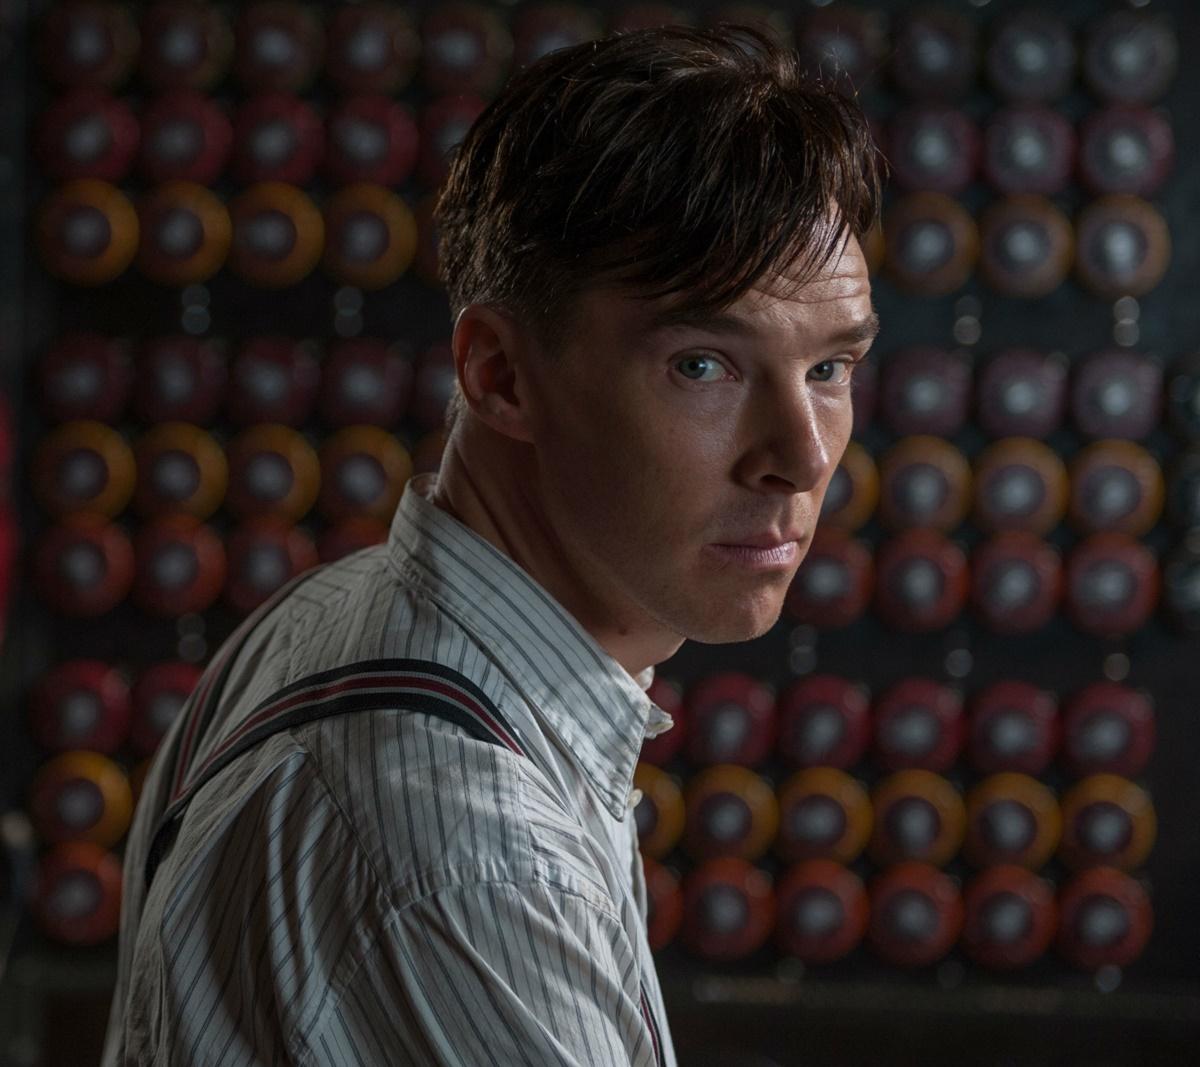 Ne propustite: Na CineStar TV 1 kanalu počinje Oscar® tjedan